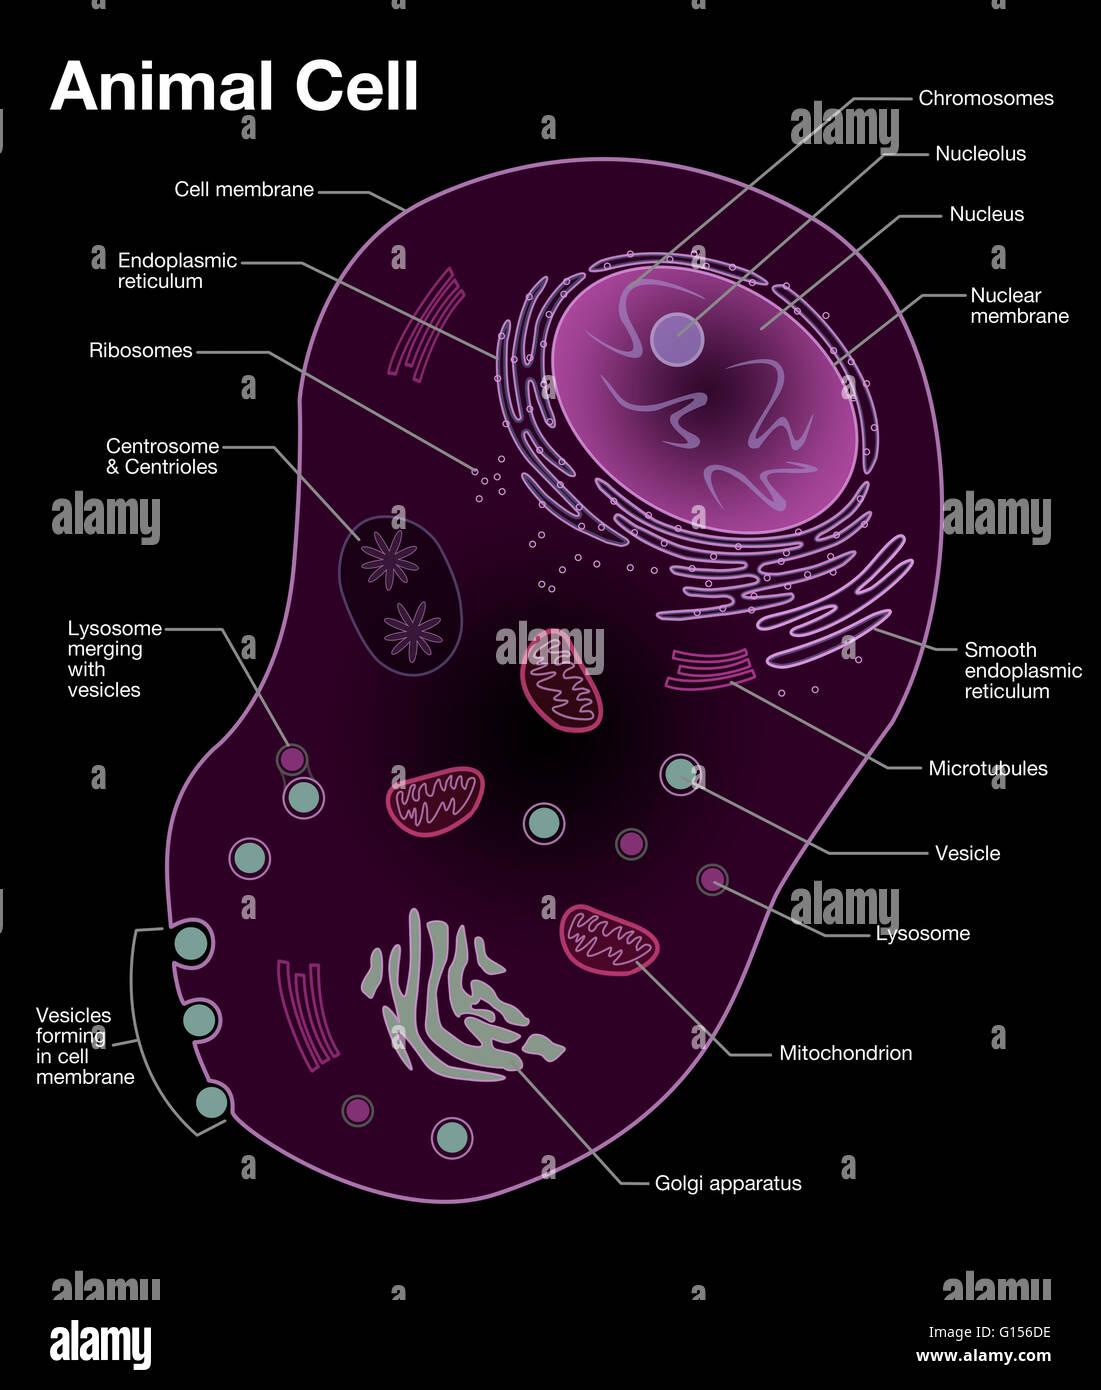 Diagrama de una célula animal típica, con las características ...